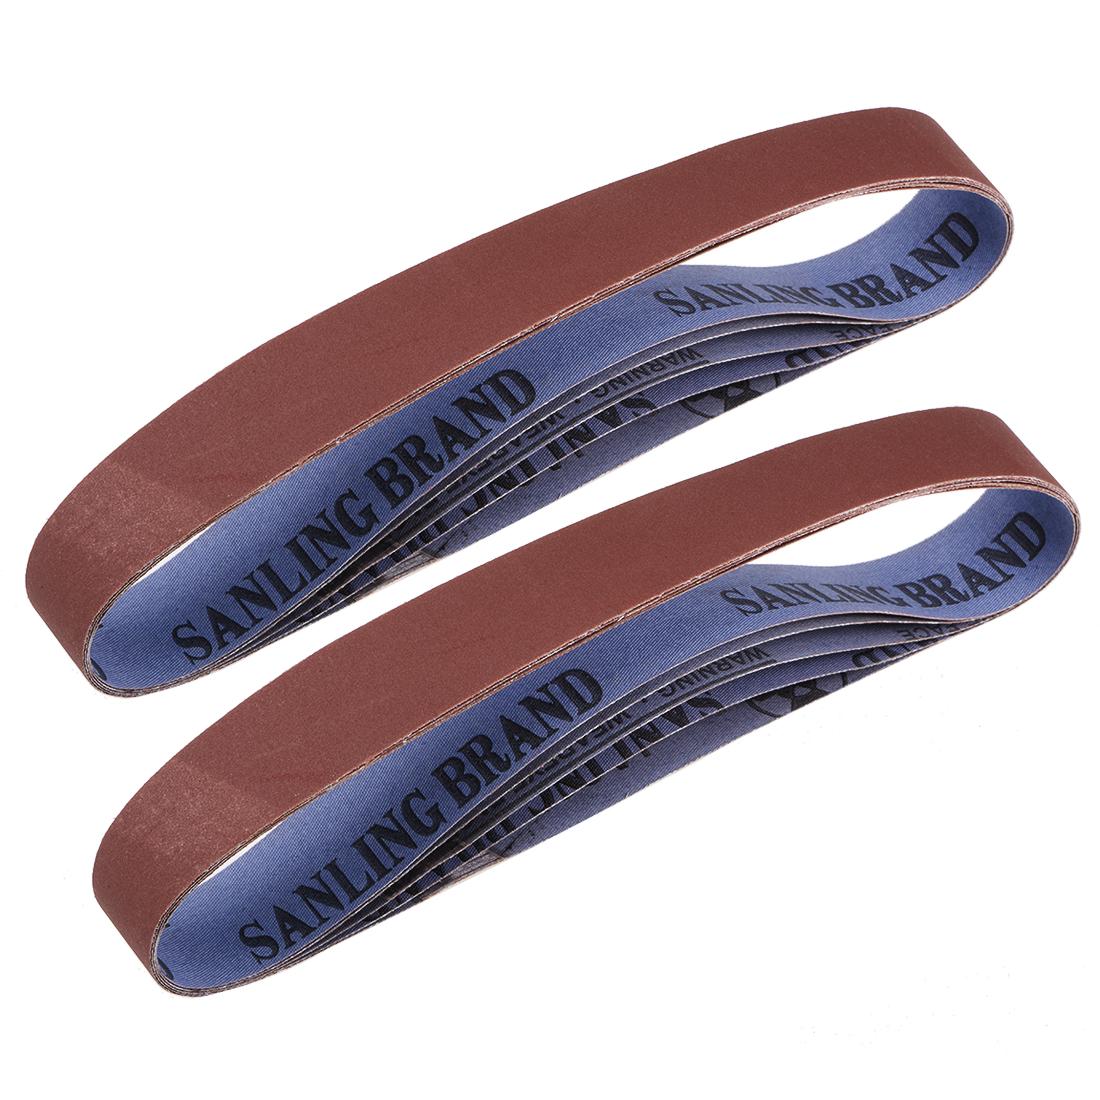 1.2 x 21 Inch Sanding Belts 600 Grit Aluminum Oxide Sand Belts 10pcs